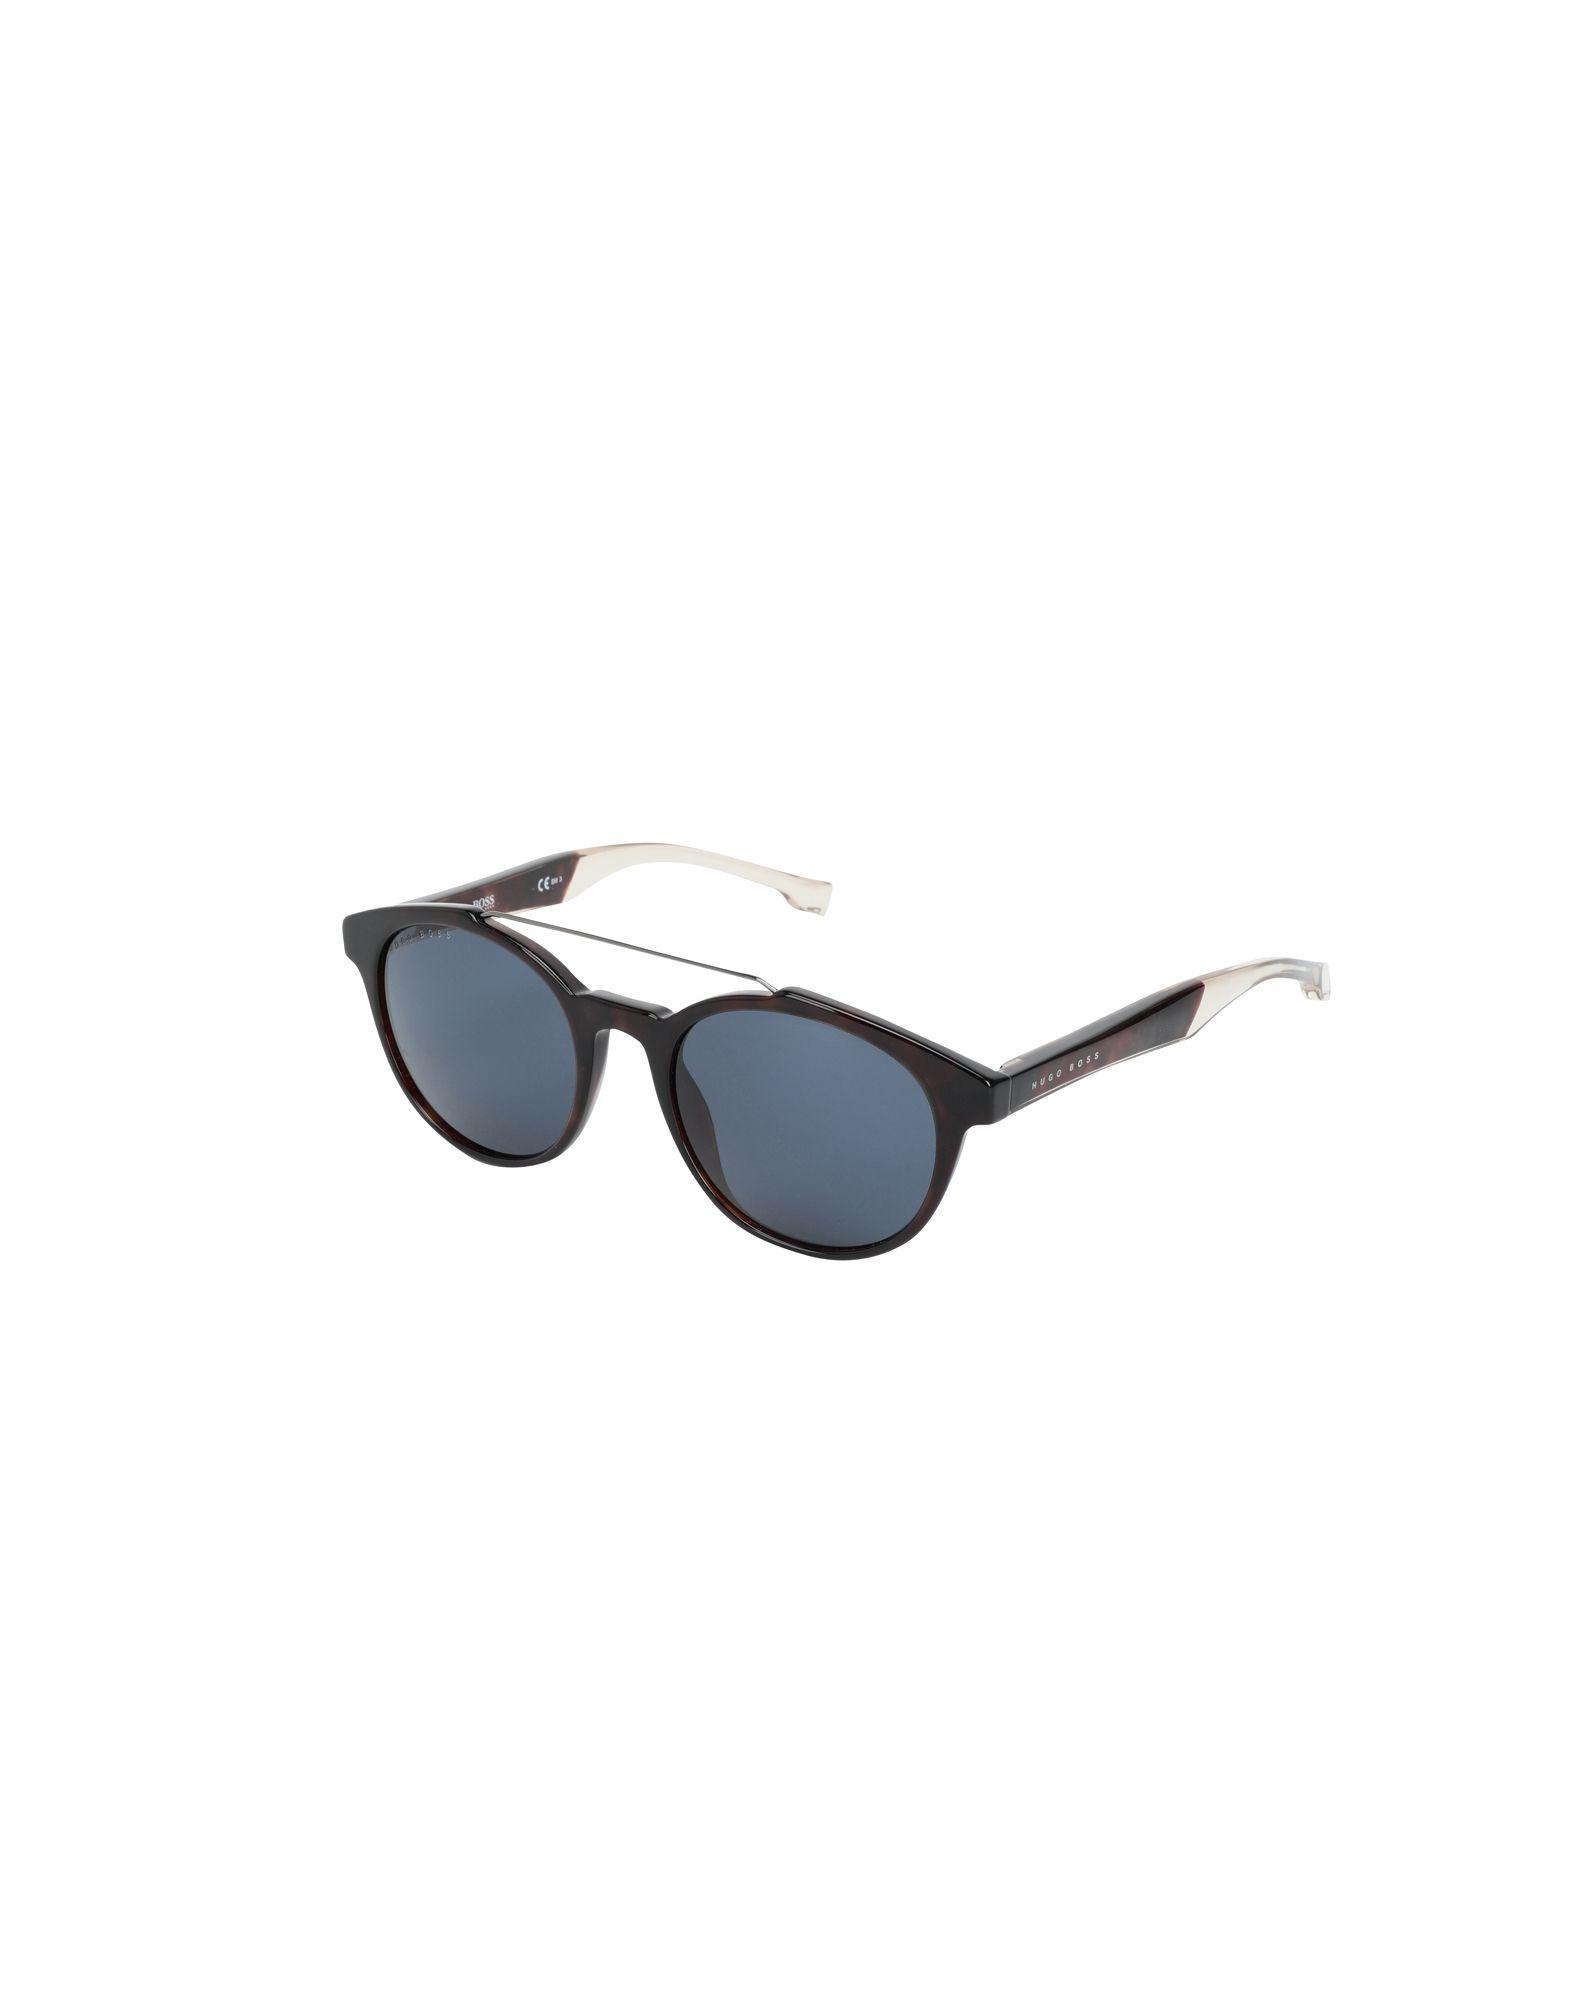 цены на BOSS HUGO BOSS Солнечные очки  в интернет-магазинах